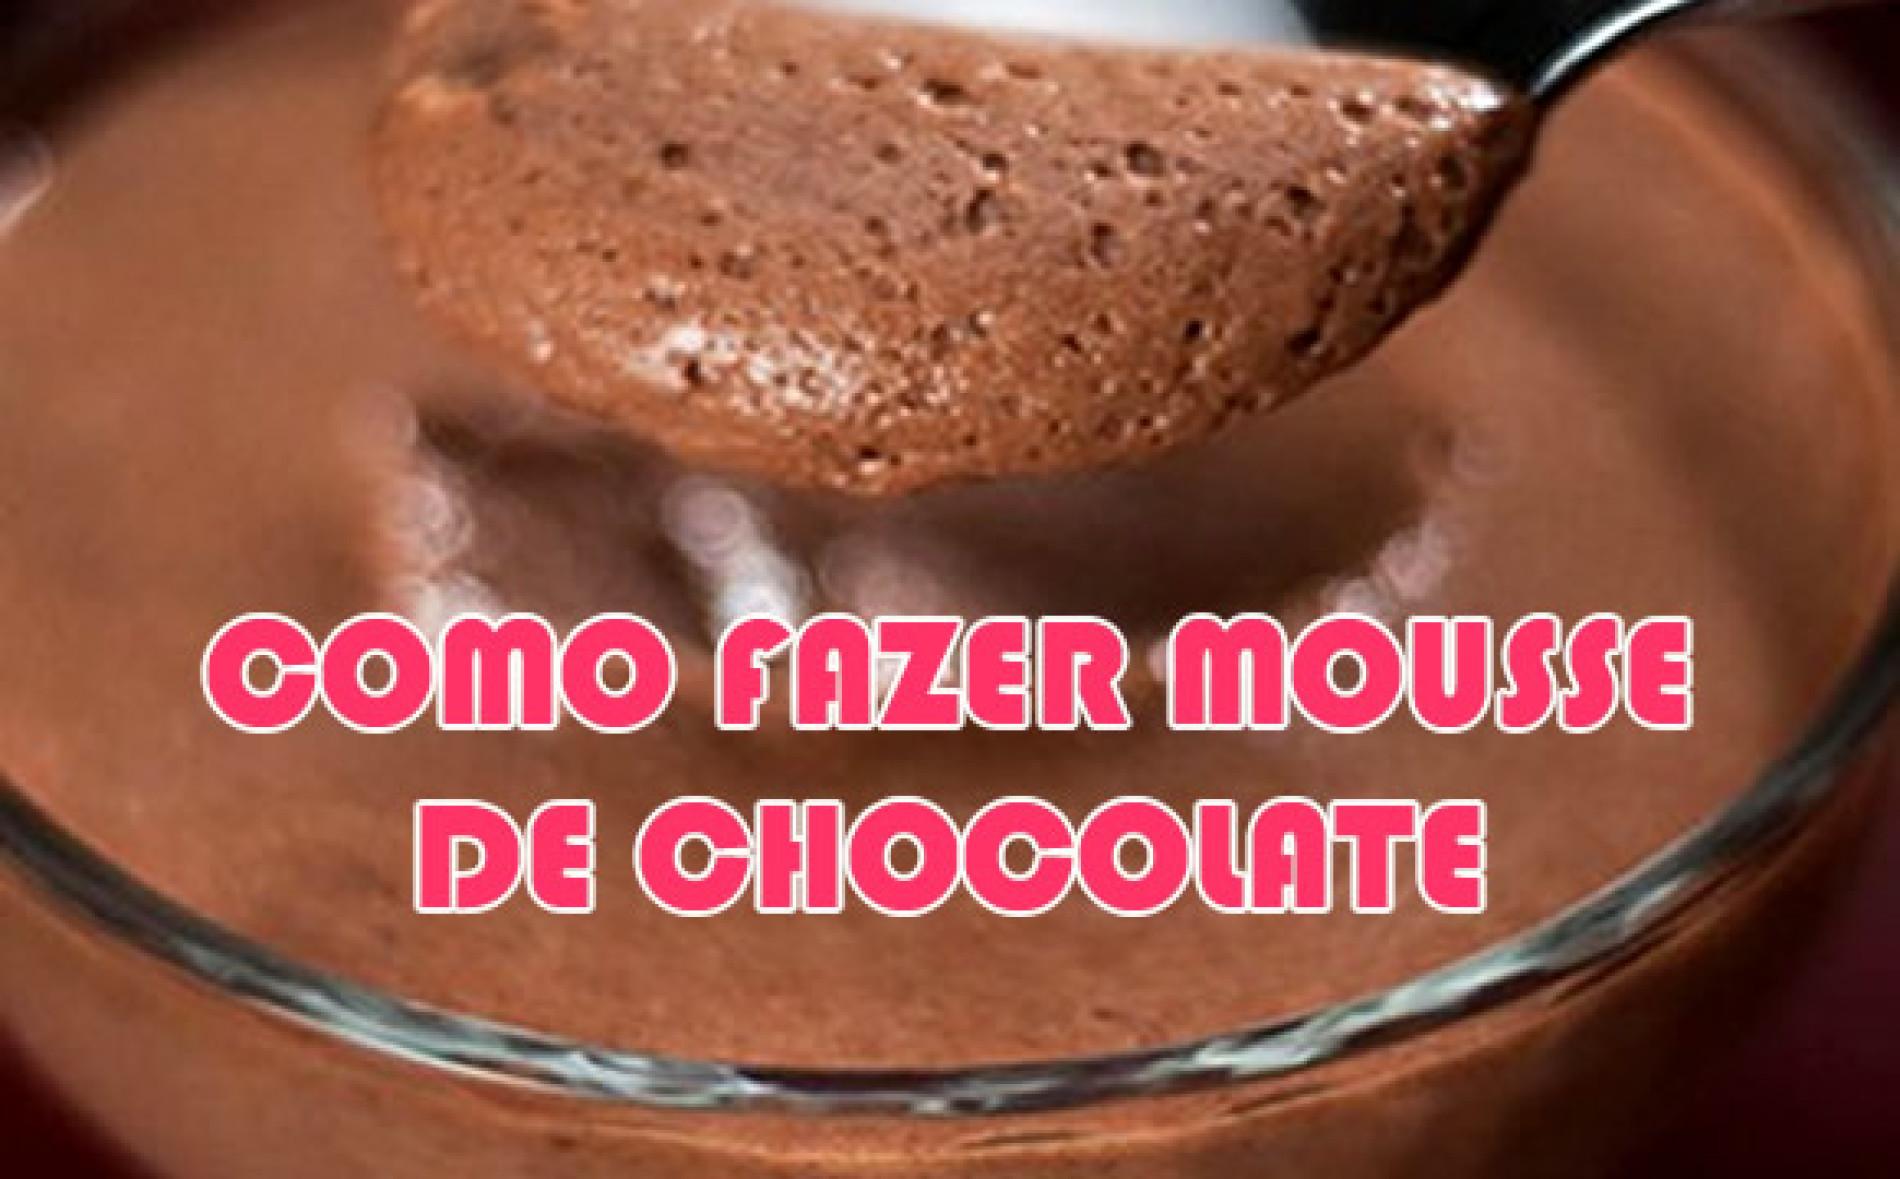 Como fazer mousse de chocolate f cil e r pido for Como criar caracoles de jardin